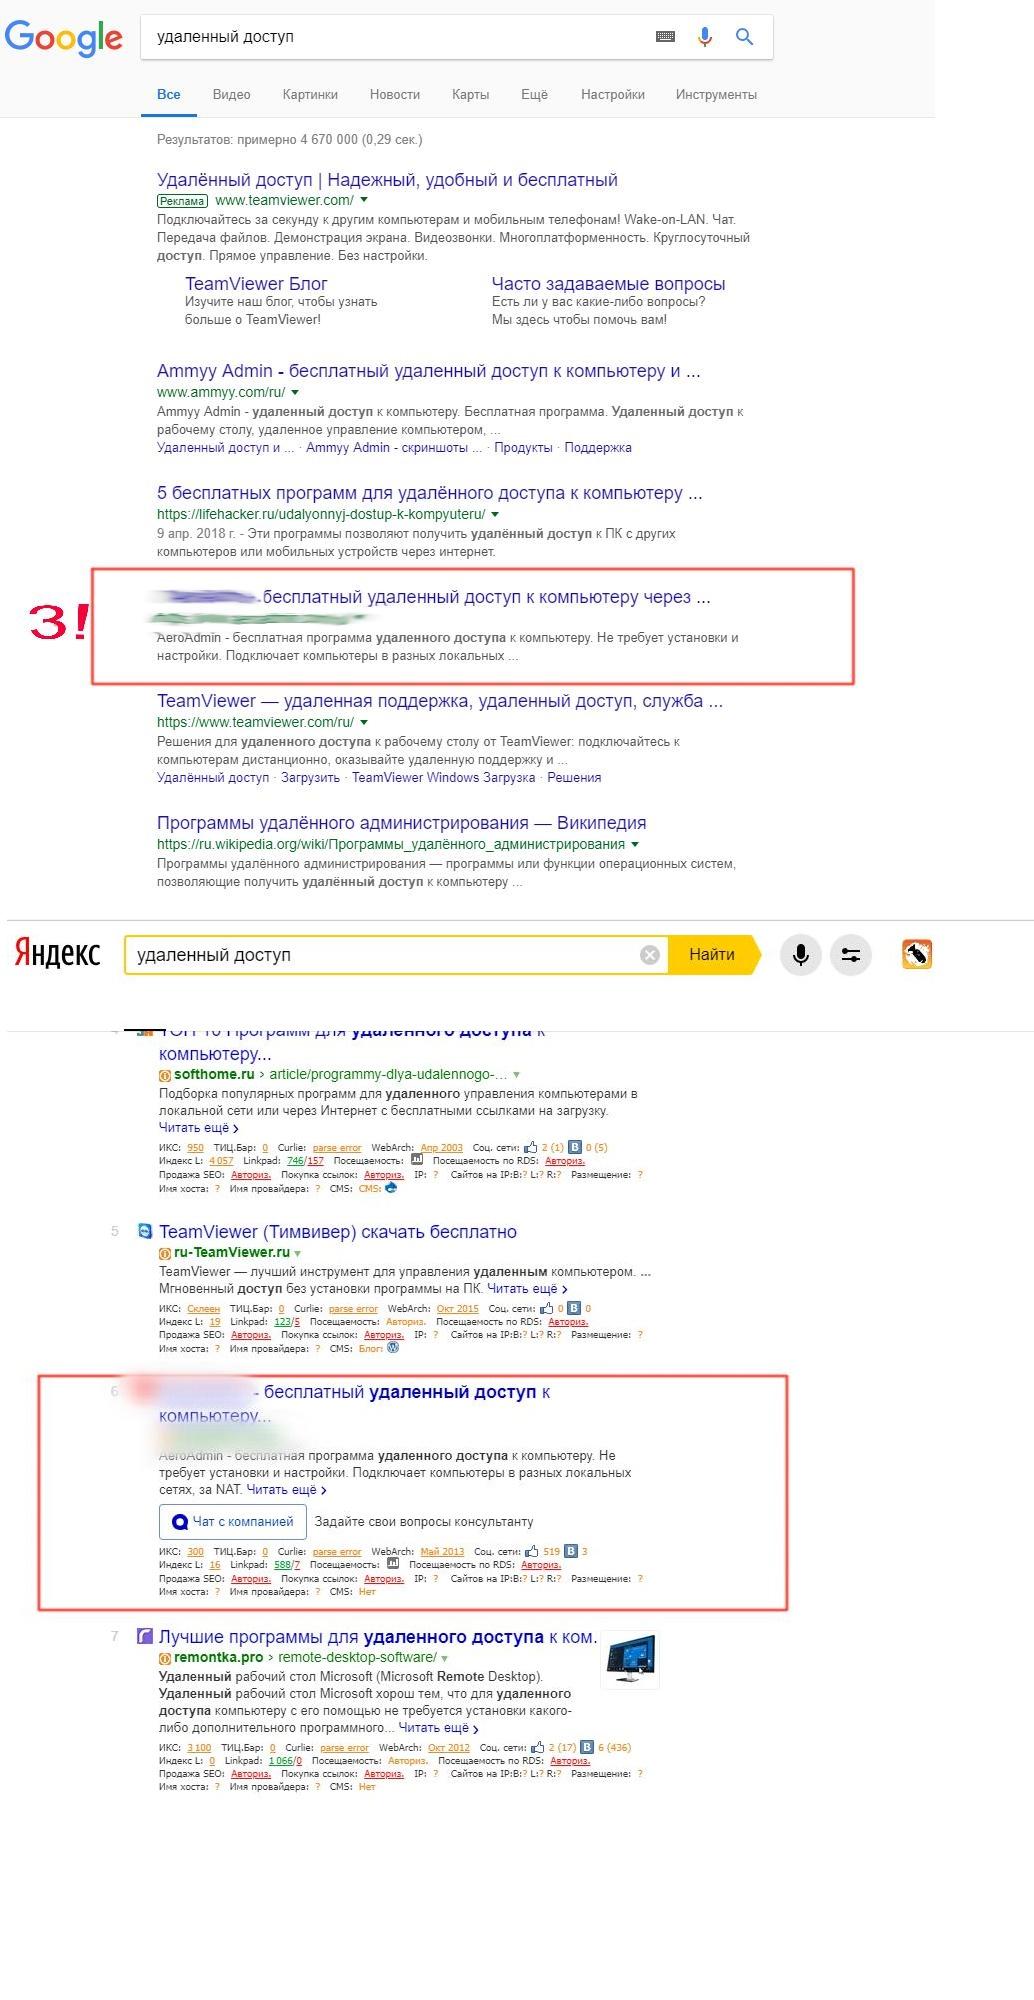 Удаленный доступ - Топ3 гугла - Топ 6 Яндекс - 2018